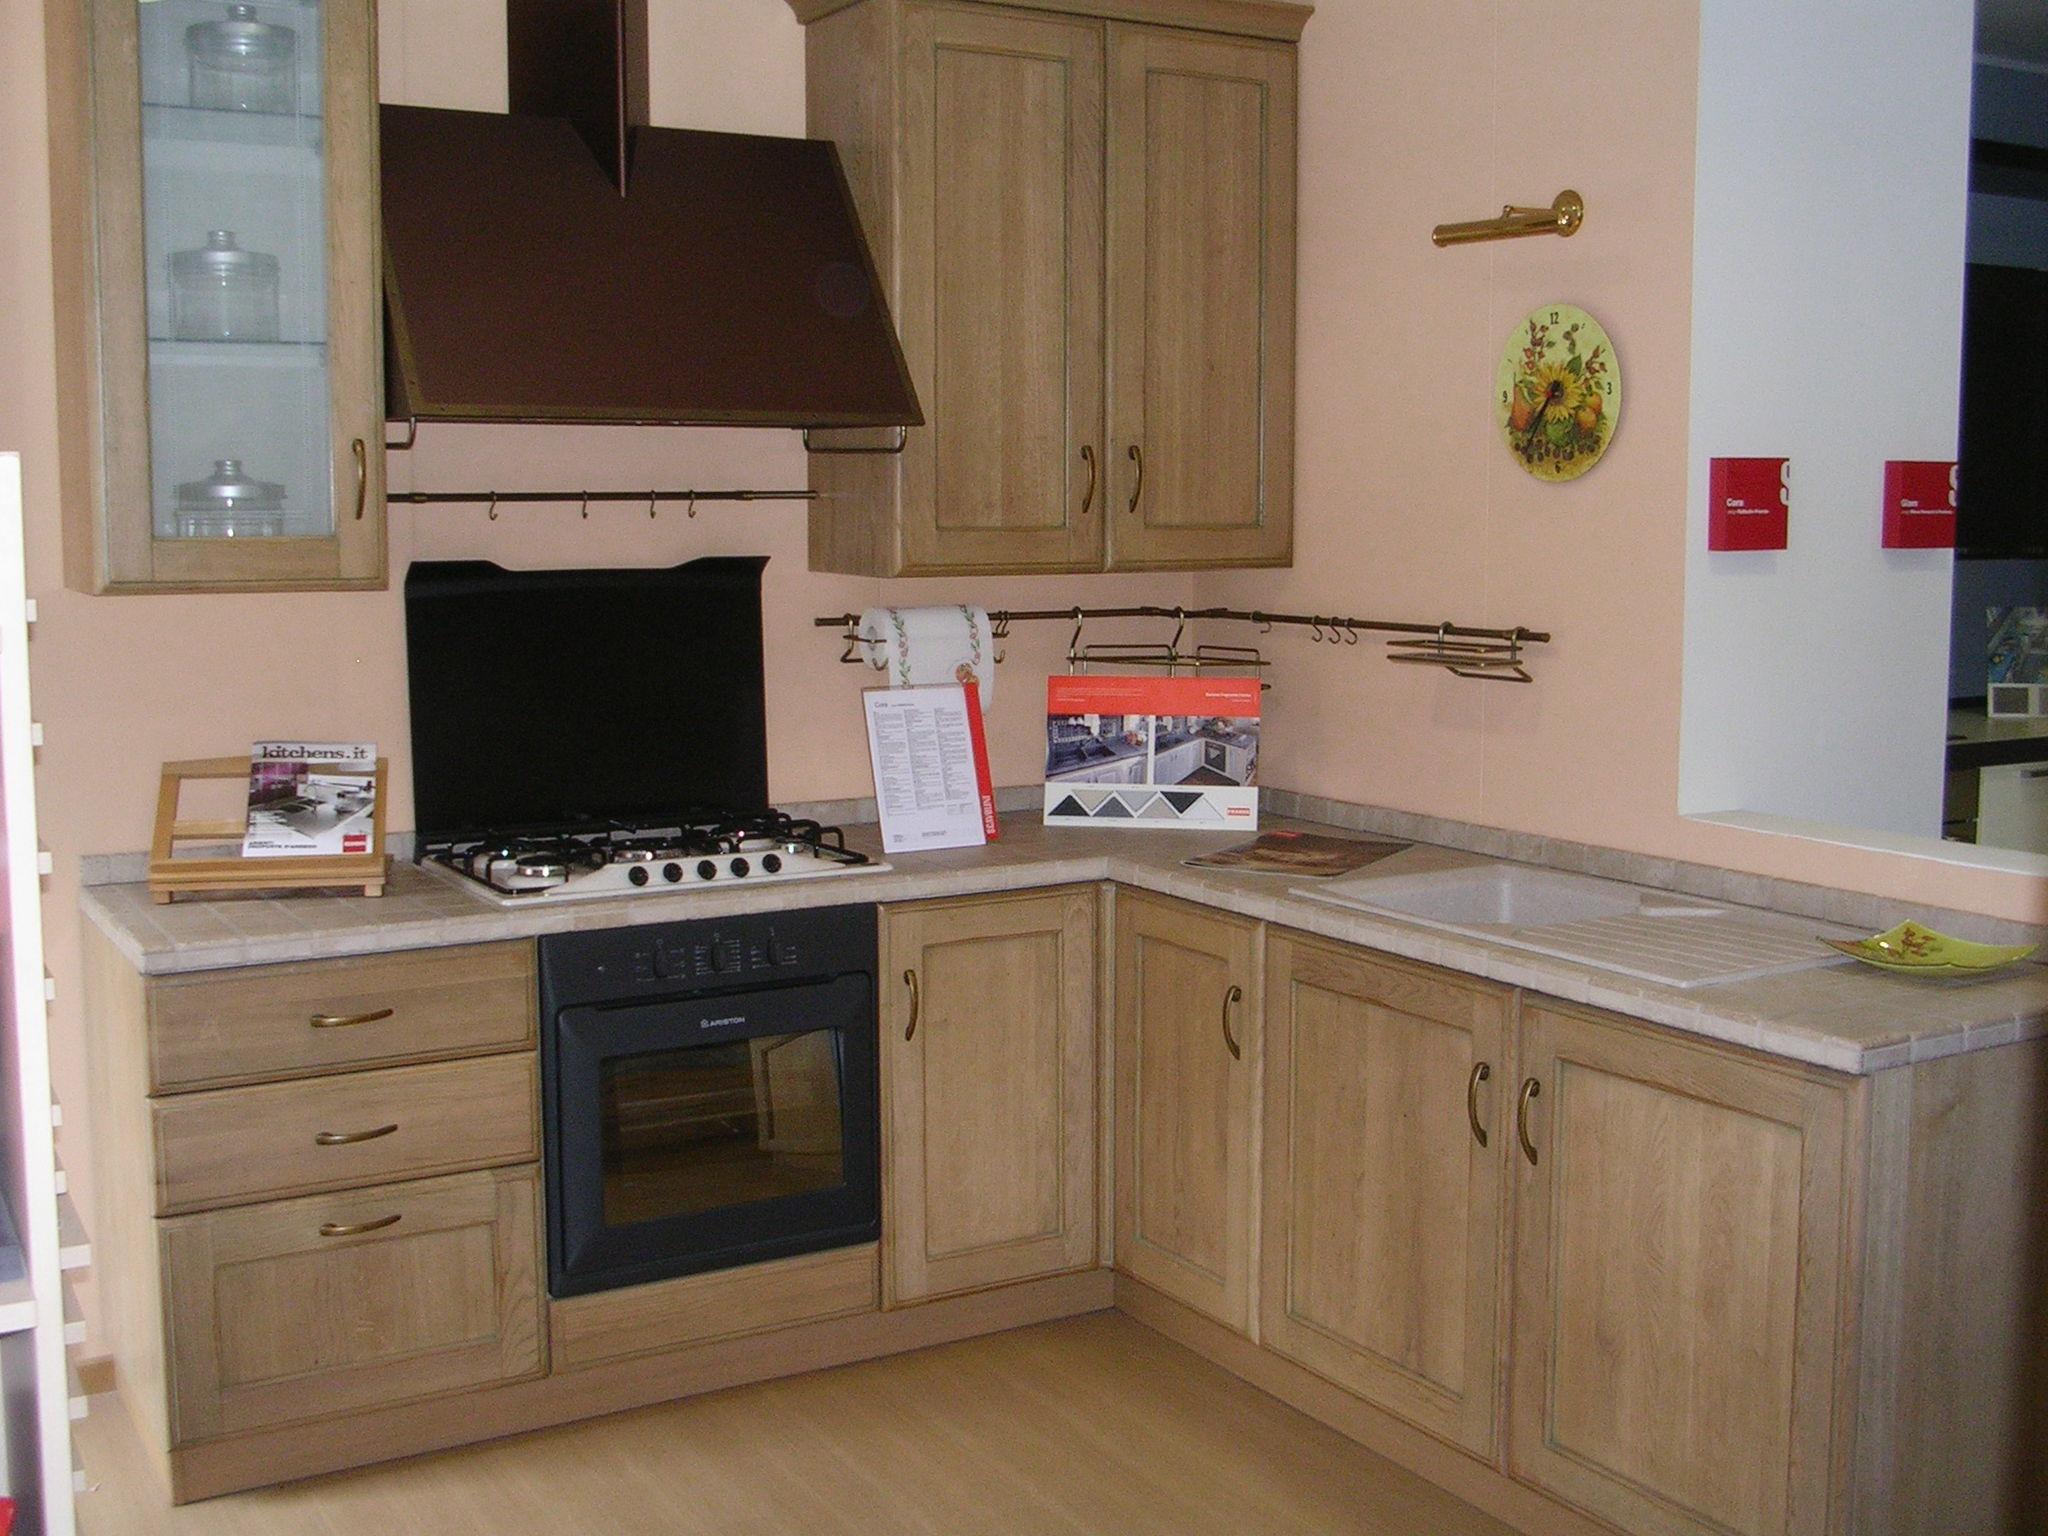 Cucina scavolini cora classica legno rovere chiaro cucine a prezzi scontati - Cucine in legno chiaro ...